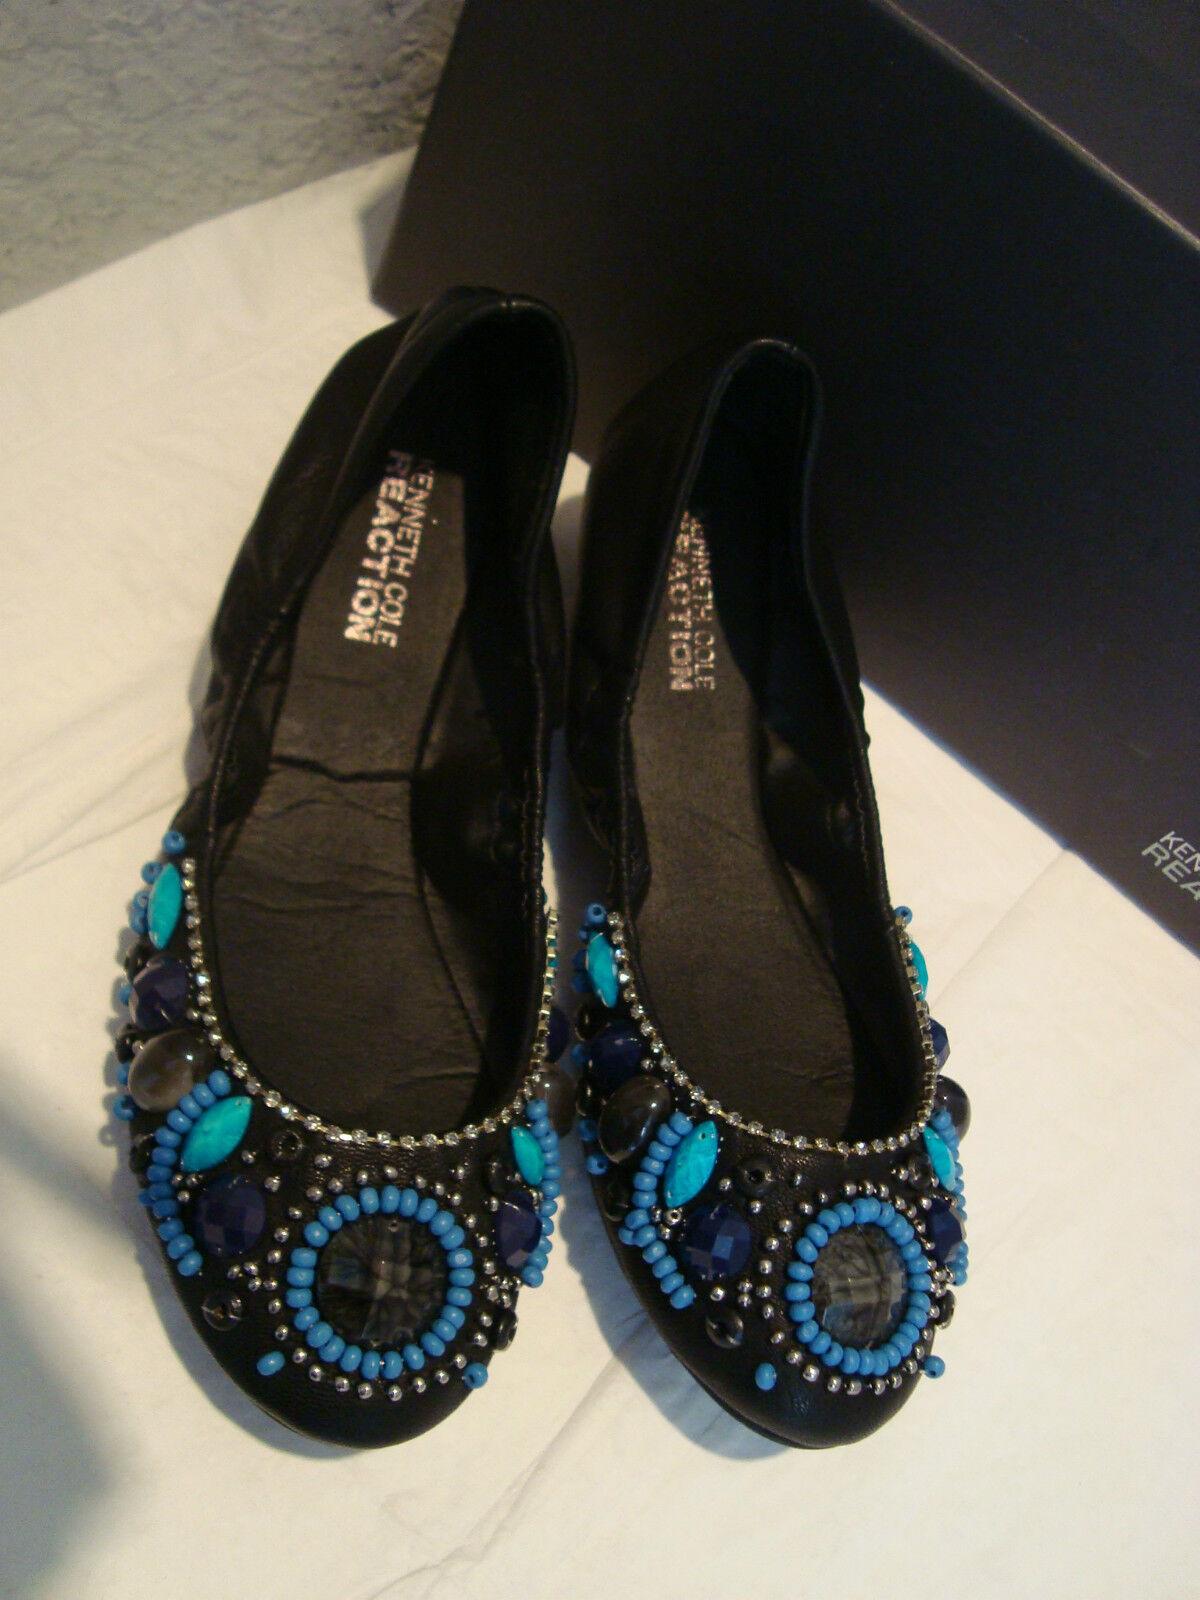 Nuevas mujeres joyas Kenneth Cole reacción negro Zapatos Zapatos Zapatos sin Taco 6 Mediana  promocionales de incentivo